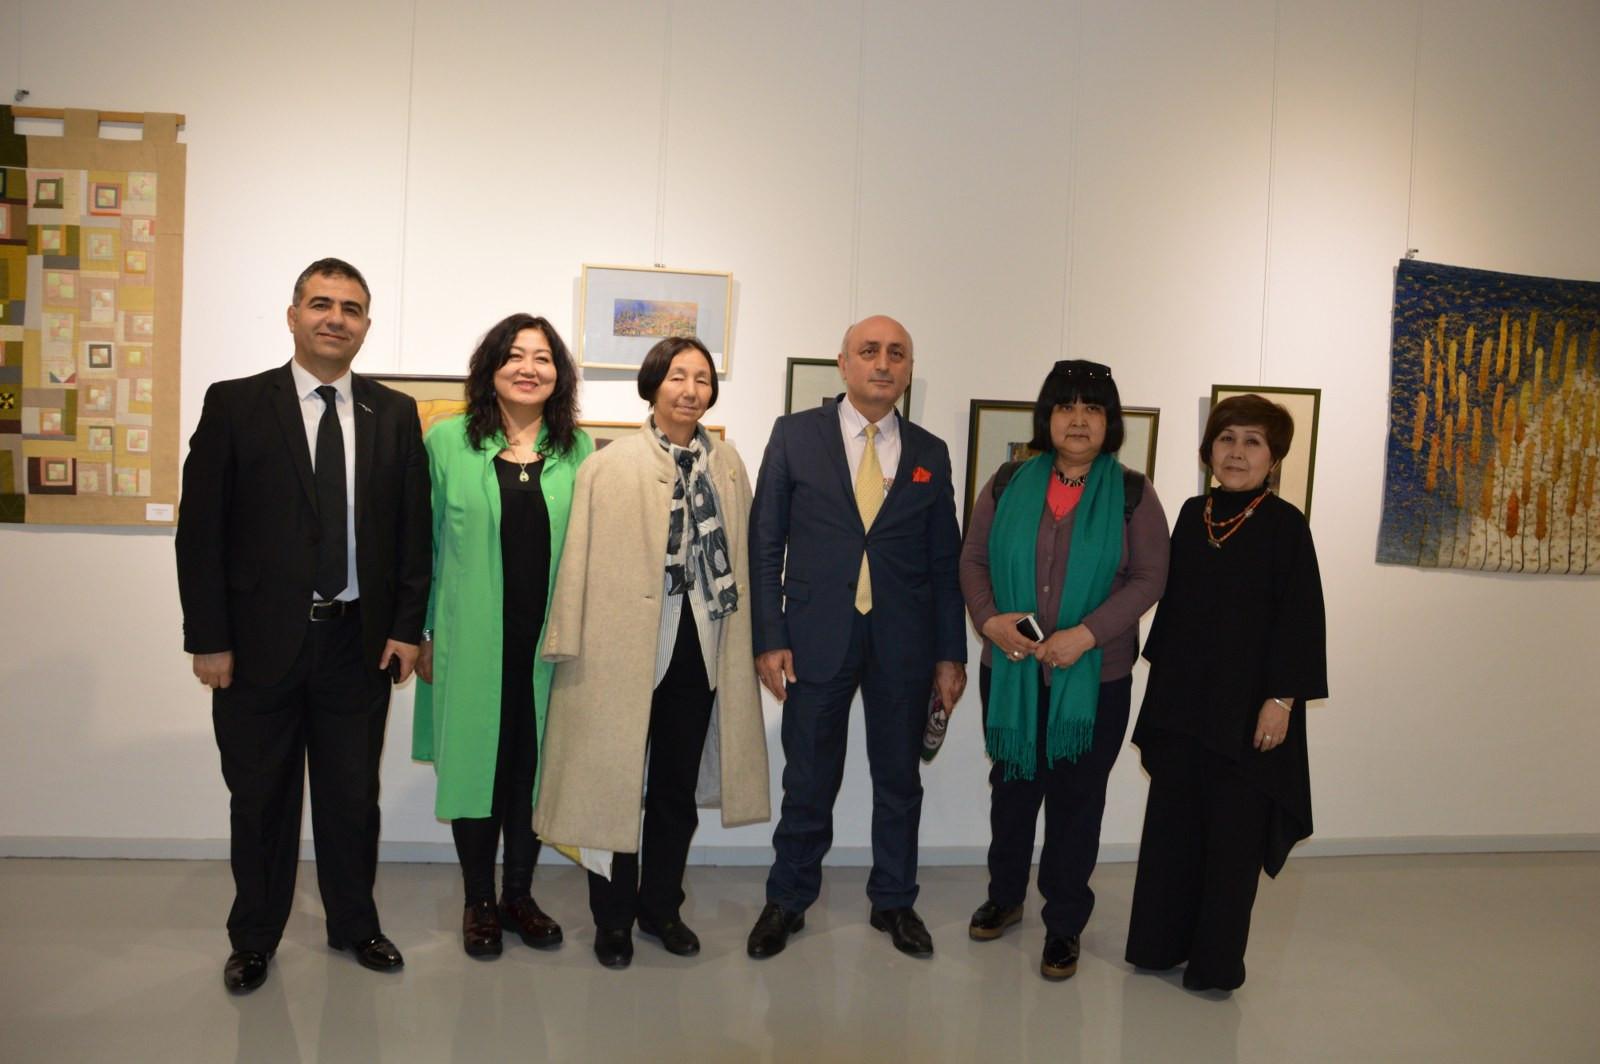 Türk Dünyasından Kadın Sanatçılar İstanbul'da Buluştu Galeri - 16. Resim